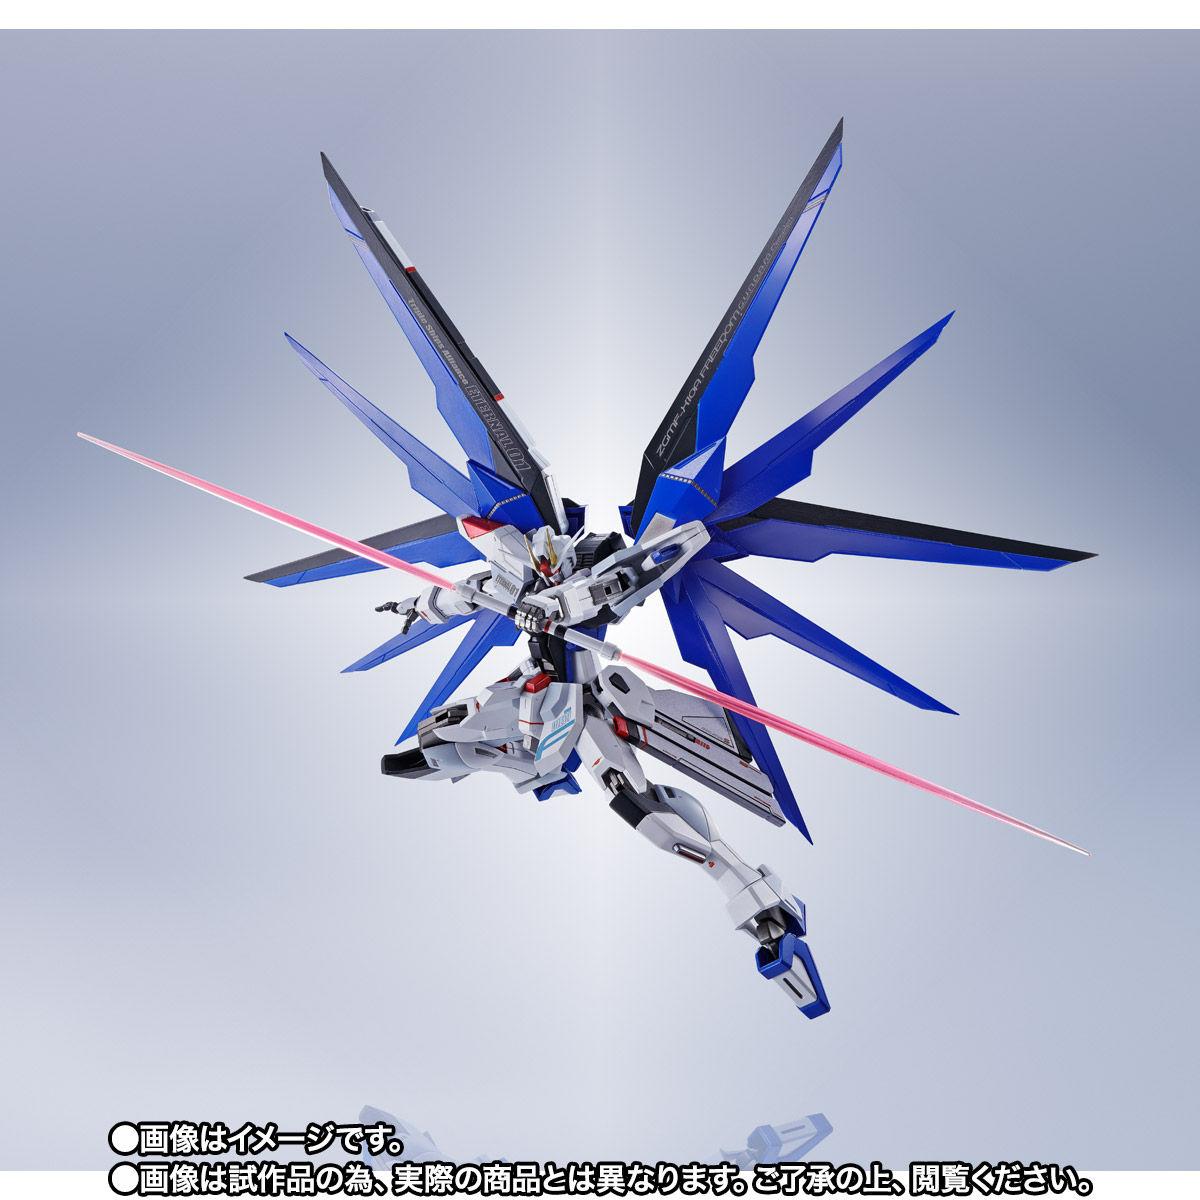 【限定販売】METAL ROBOT魂〈SIDE MS〉『フリーダムガンダム』ガンダムSEED 可動フィギュア-007